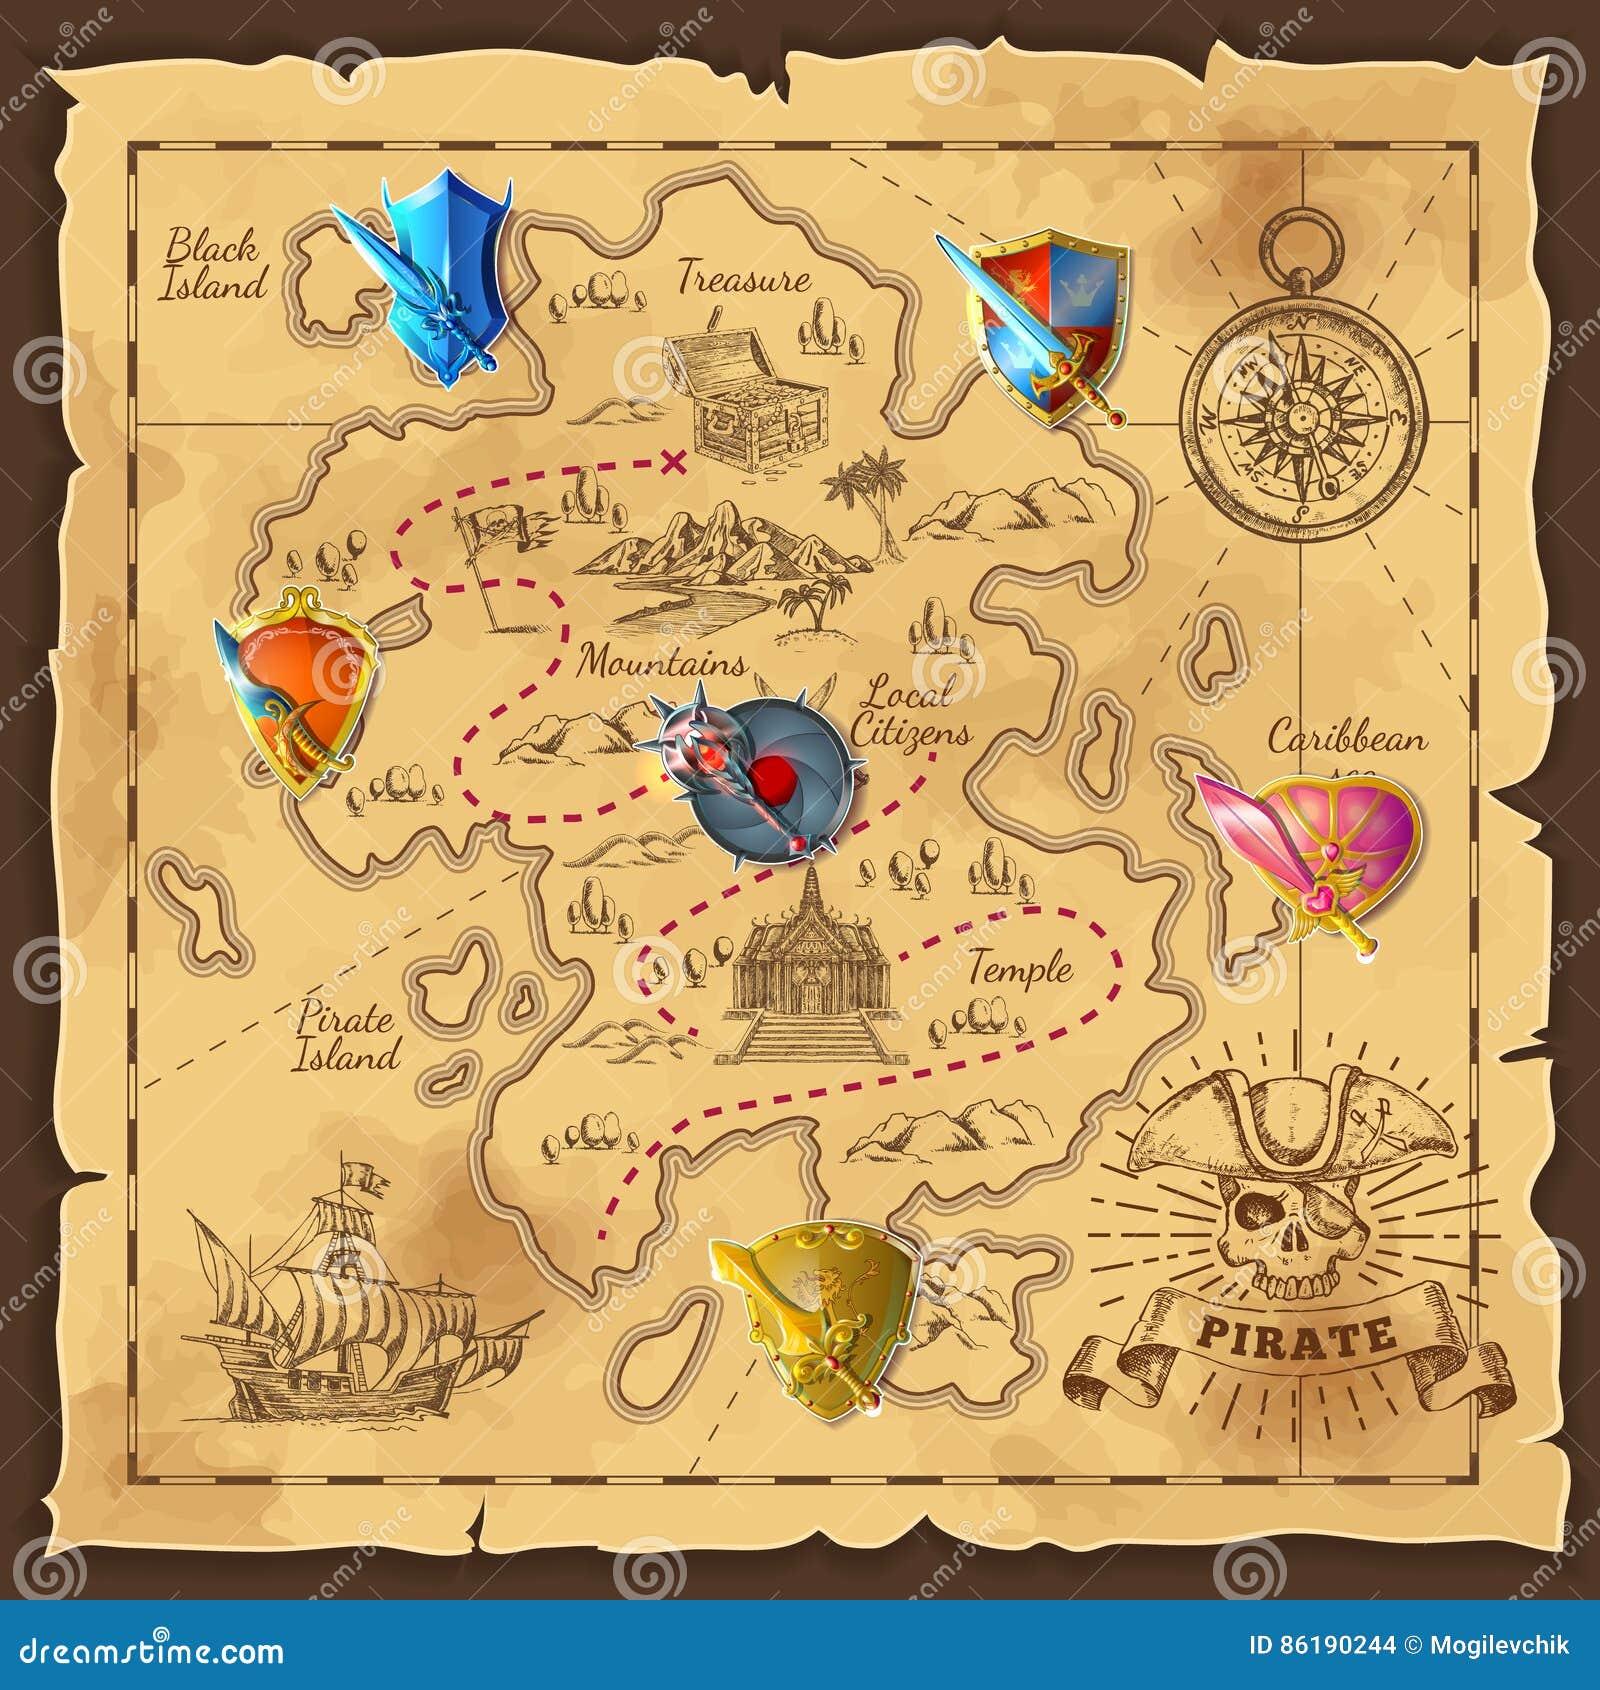 Karikatur-Insel-Karten-Schablone Vektor Abbildung - Illustration von ...